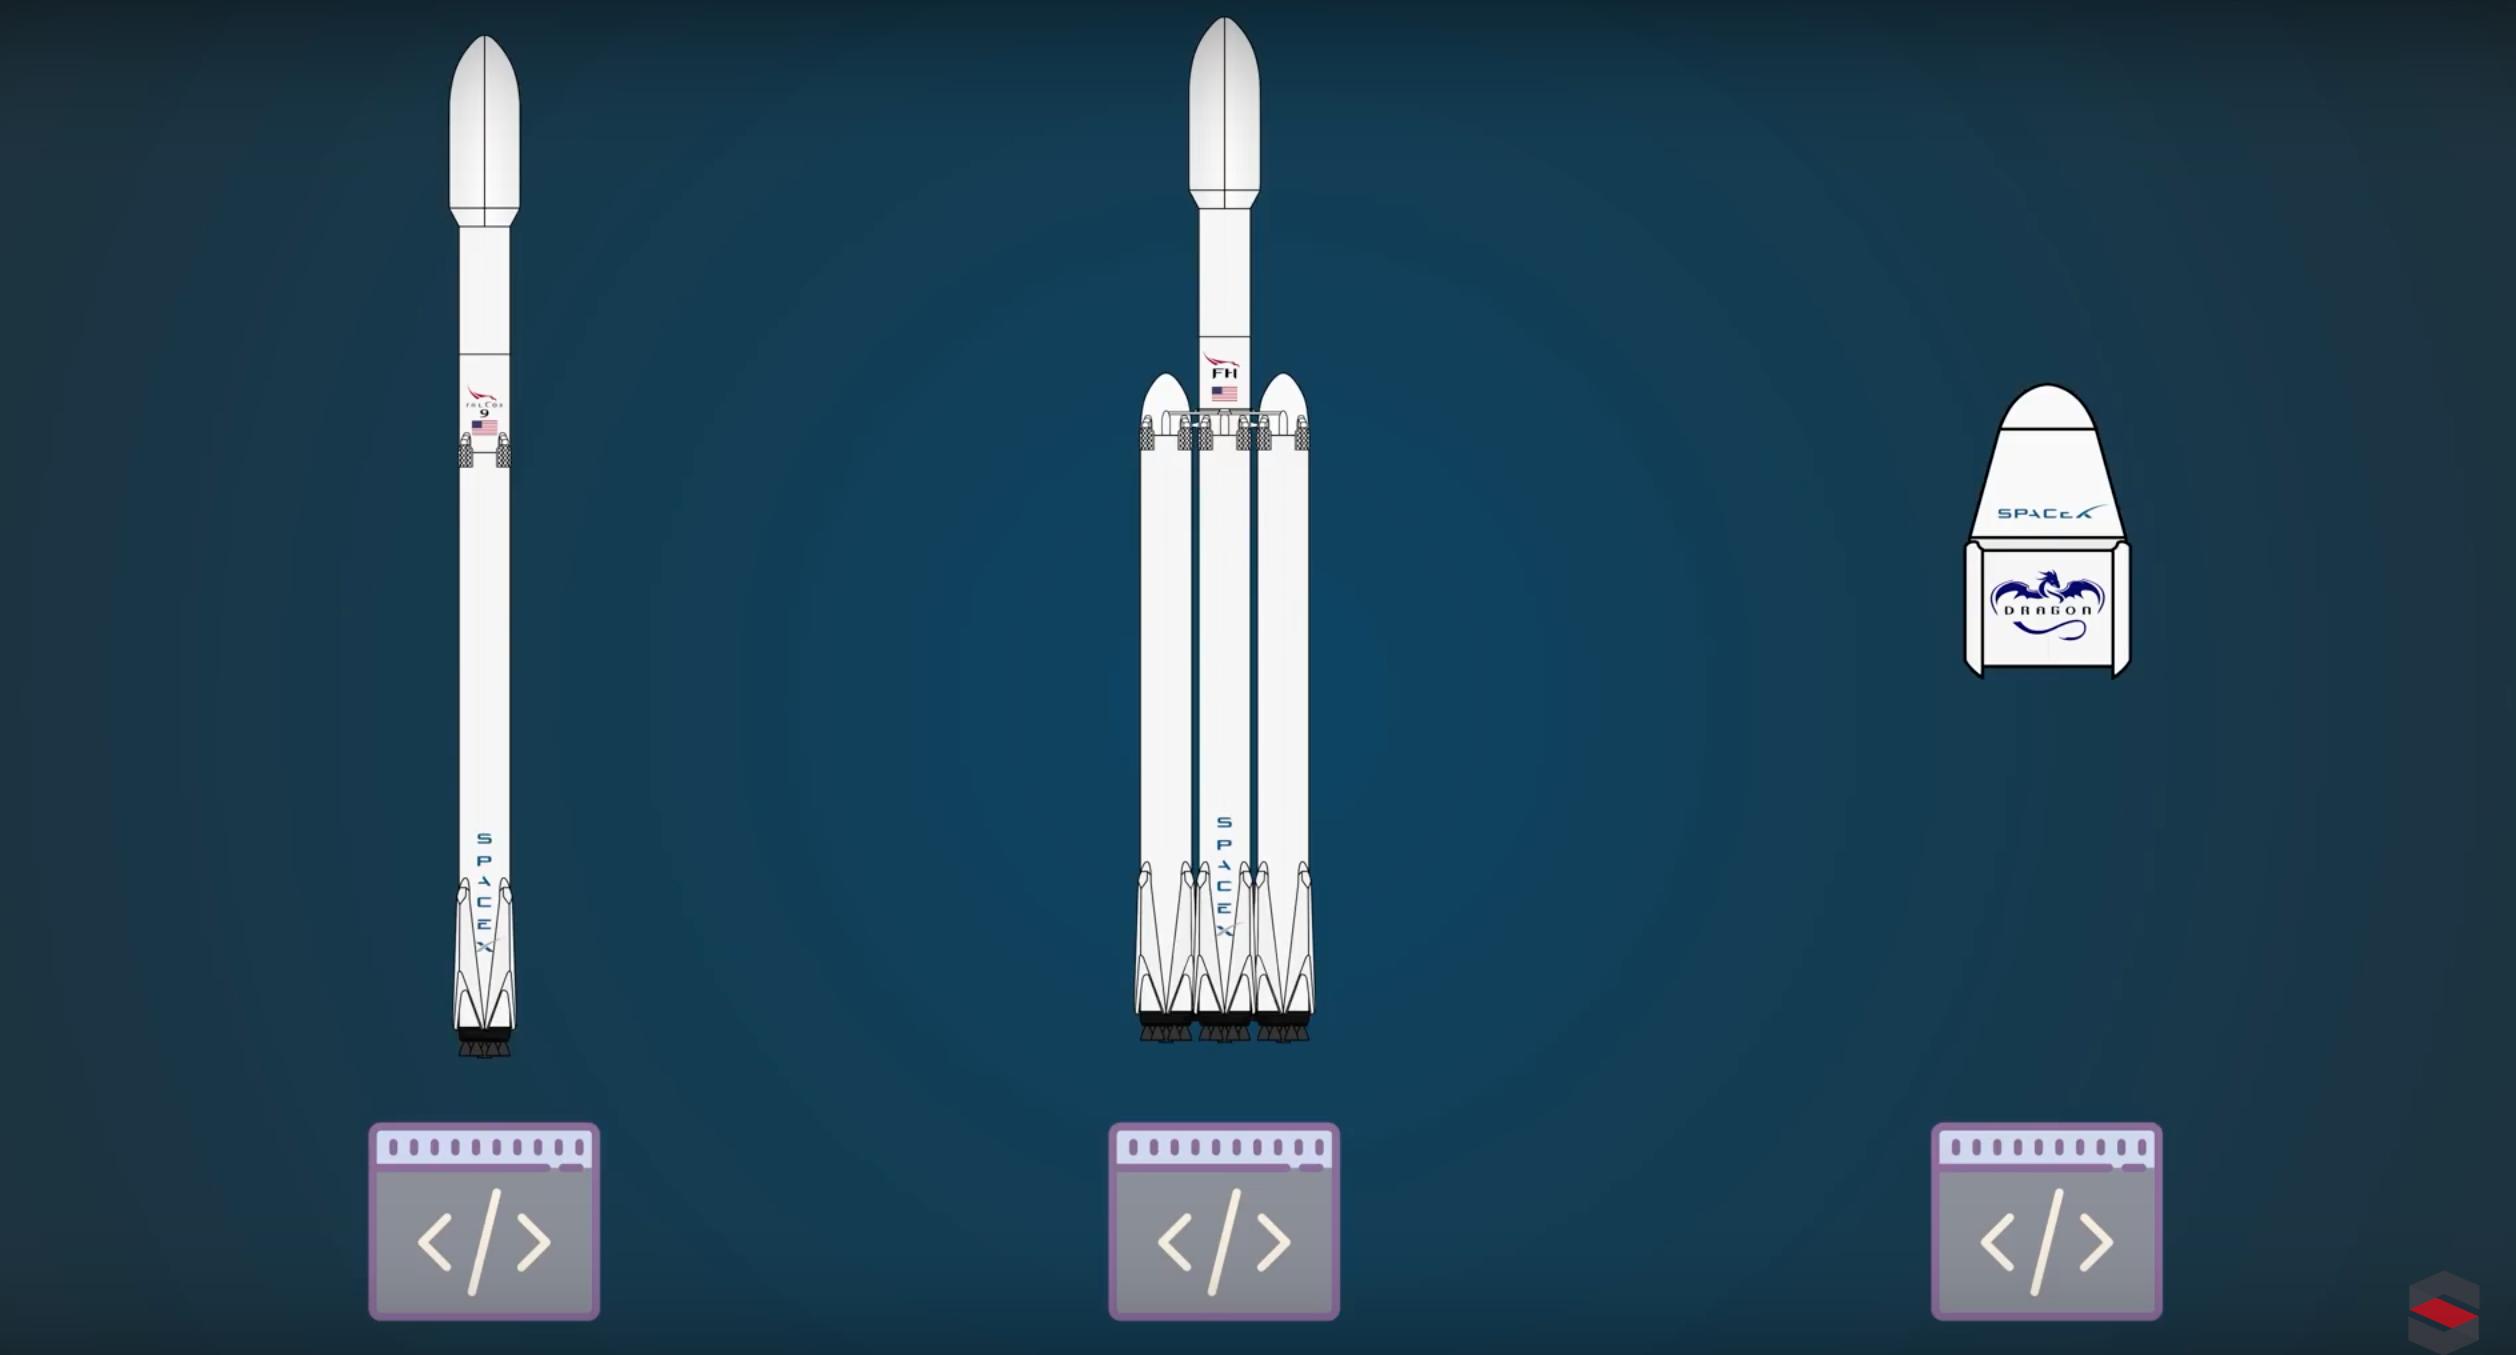 Ingegneri informatici e sviluppatori hanno un ruolo cruciale nella costruzione di velivoli spaziali. Vediamo l'hardware che ha permesso a una Tesla Roadster di orbitare intorno al nostro pianeta e di addentrarsi nelle profondità del Sistema Solare.